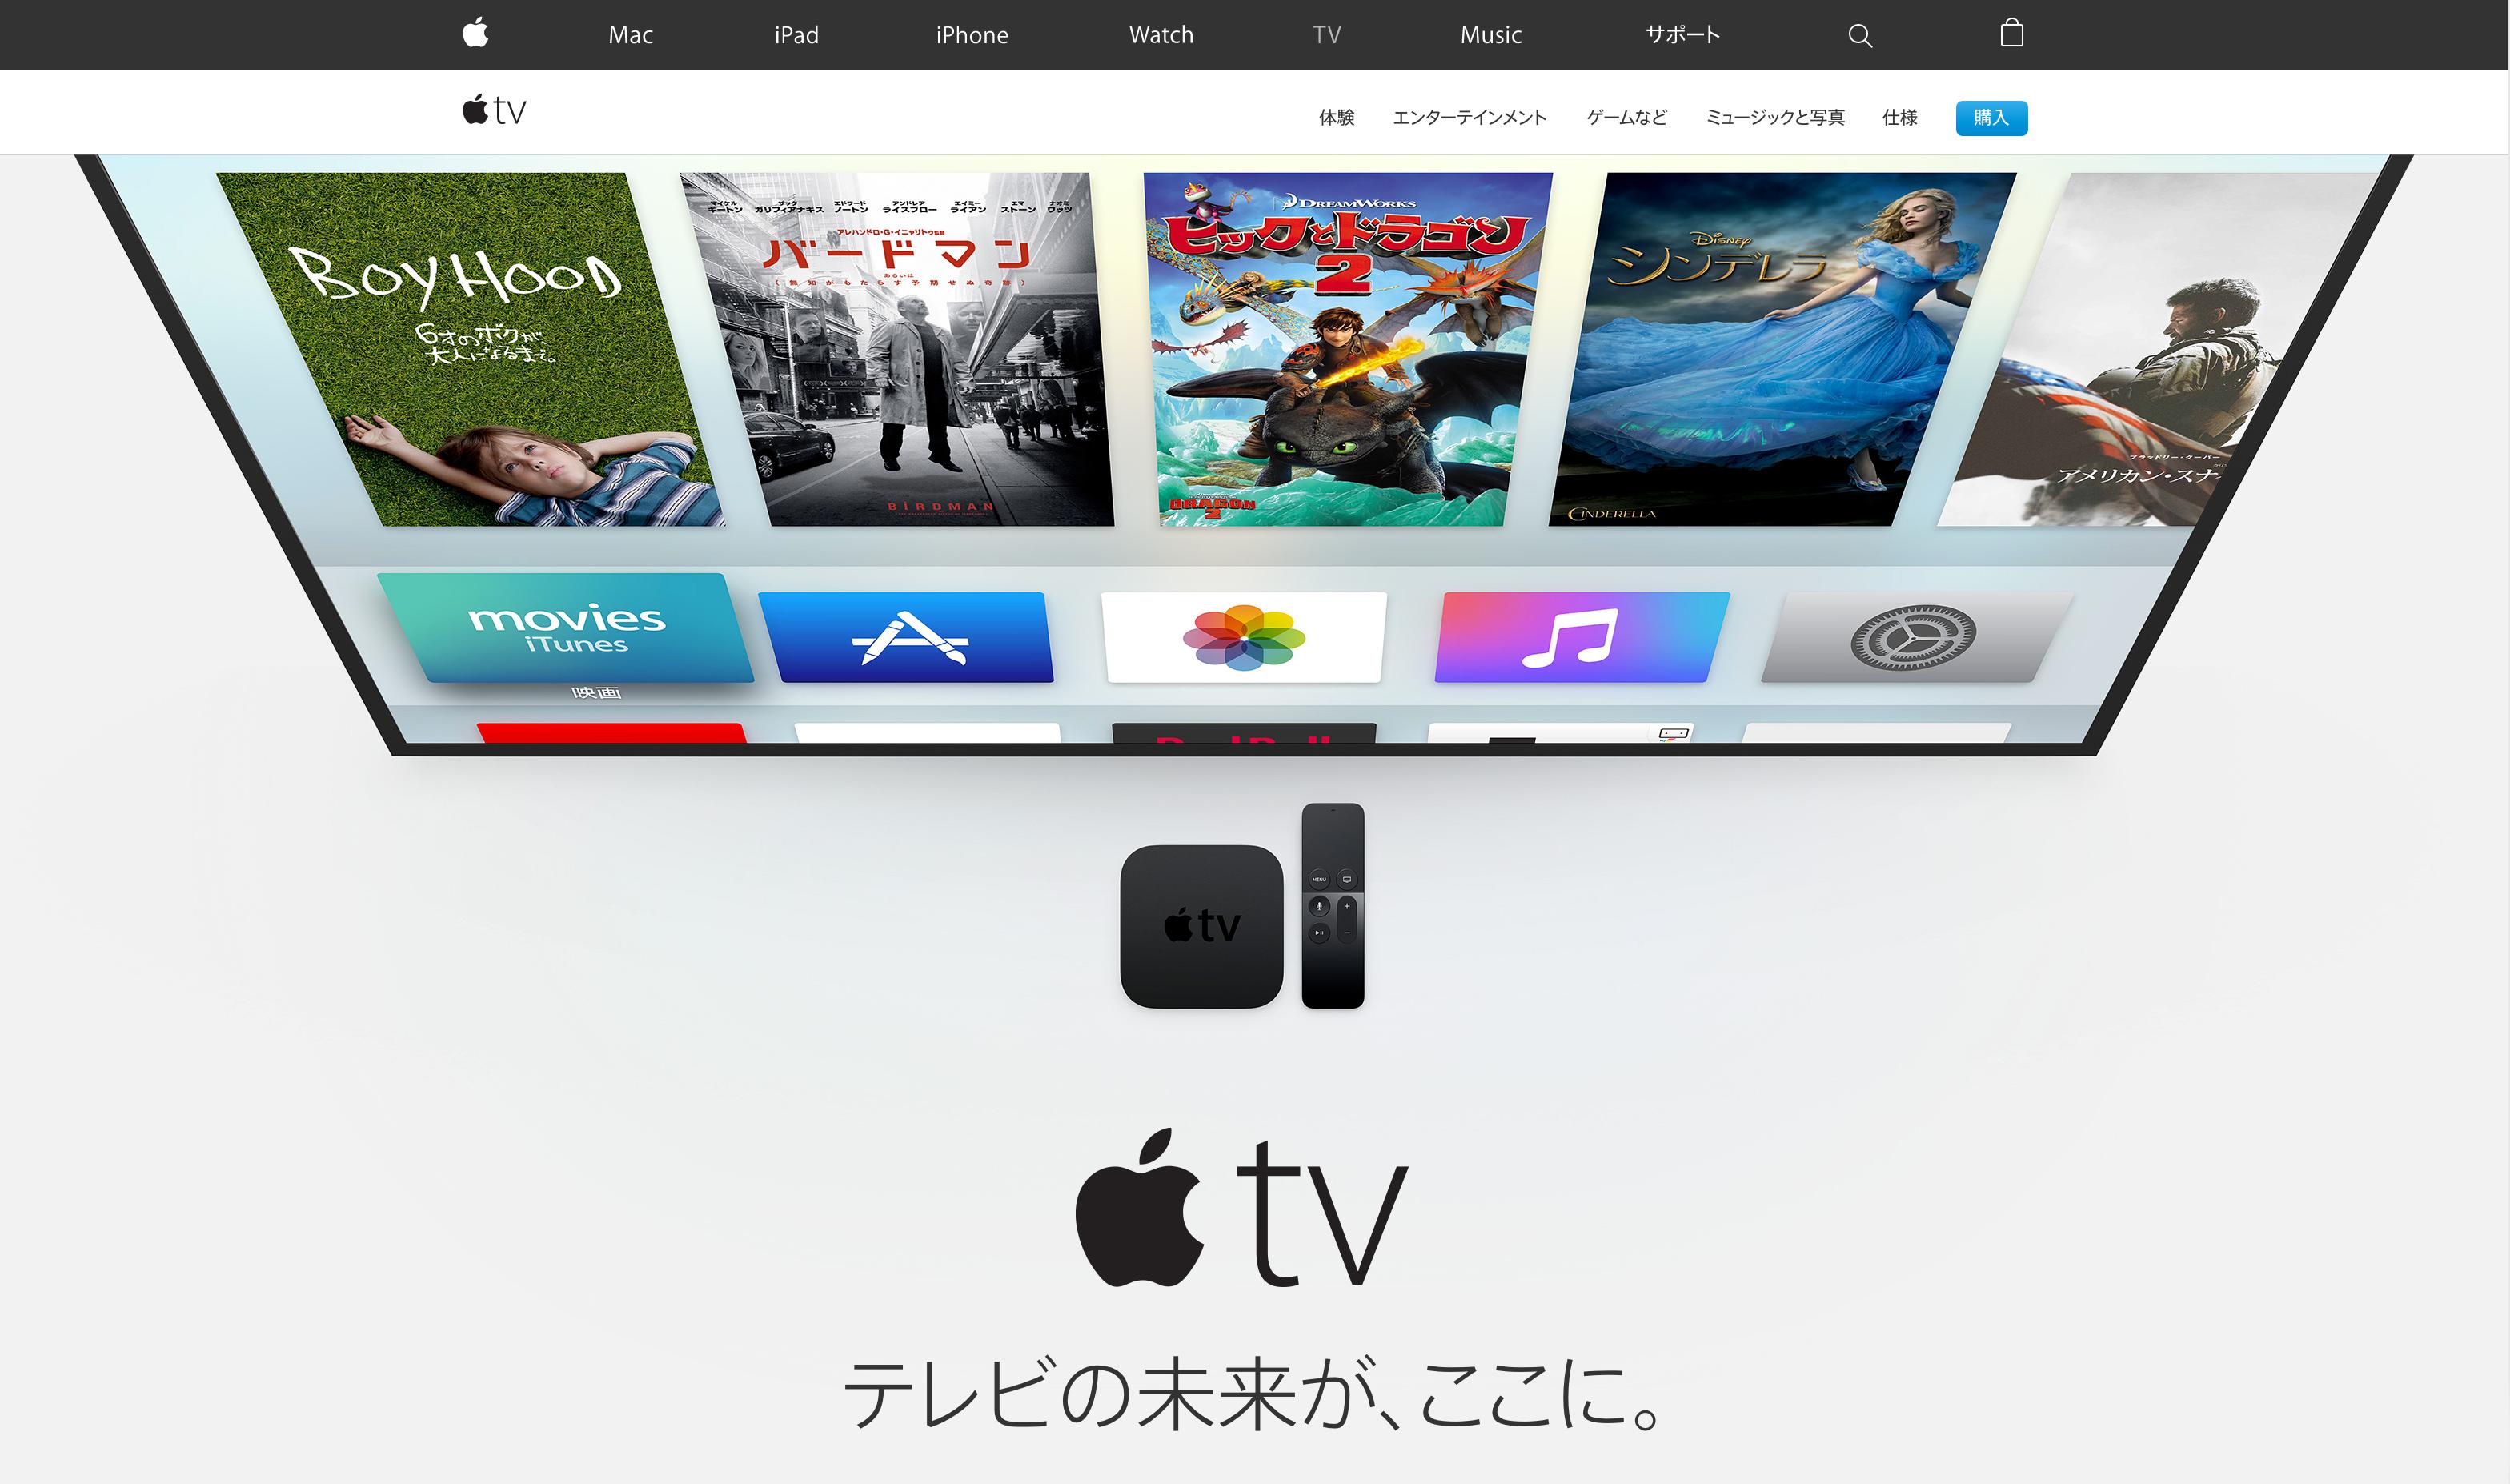 第4世代Apple TV